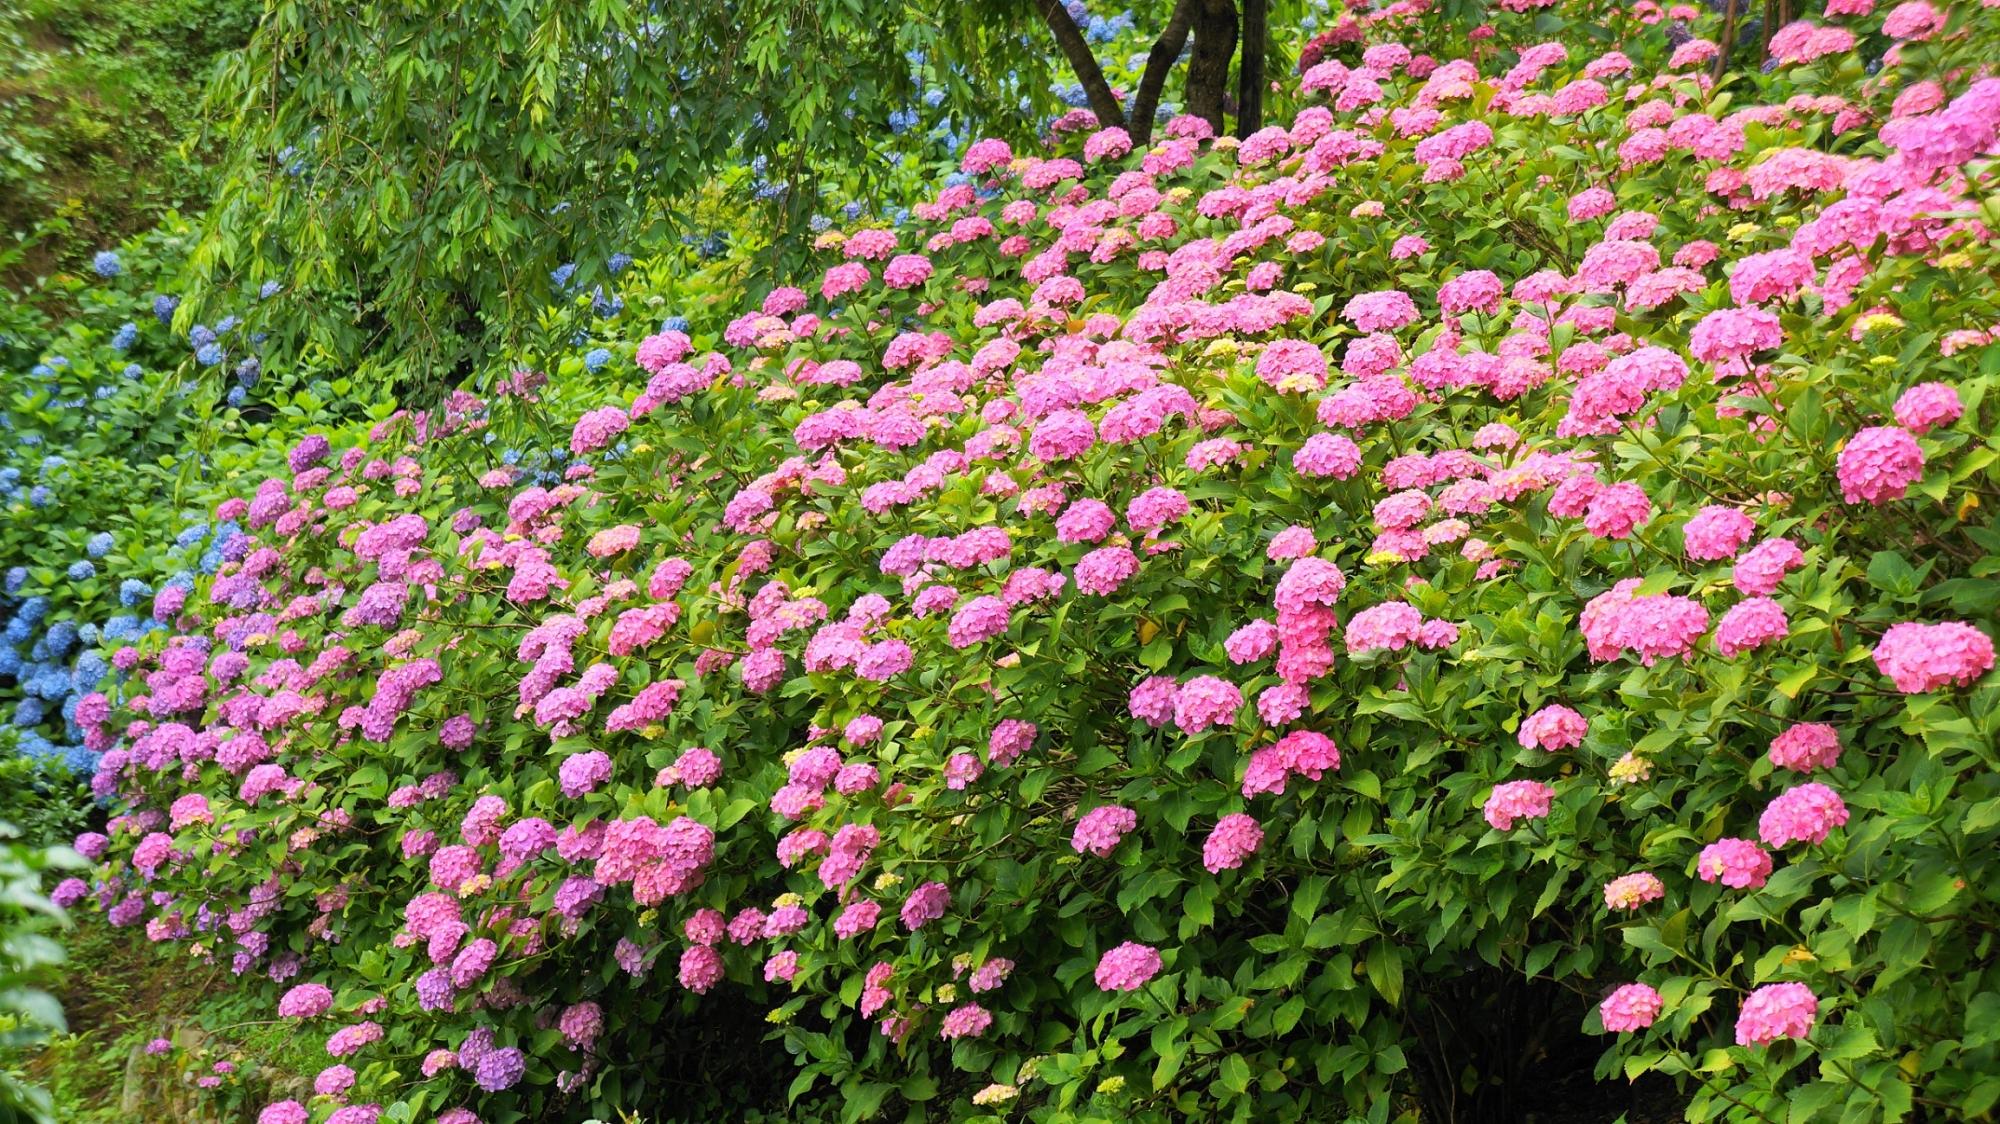 緑を覆う一面の華やかなピンクの紫陽花